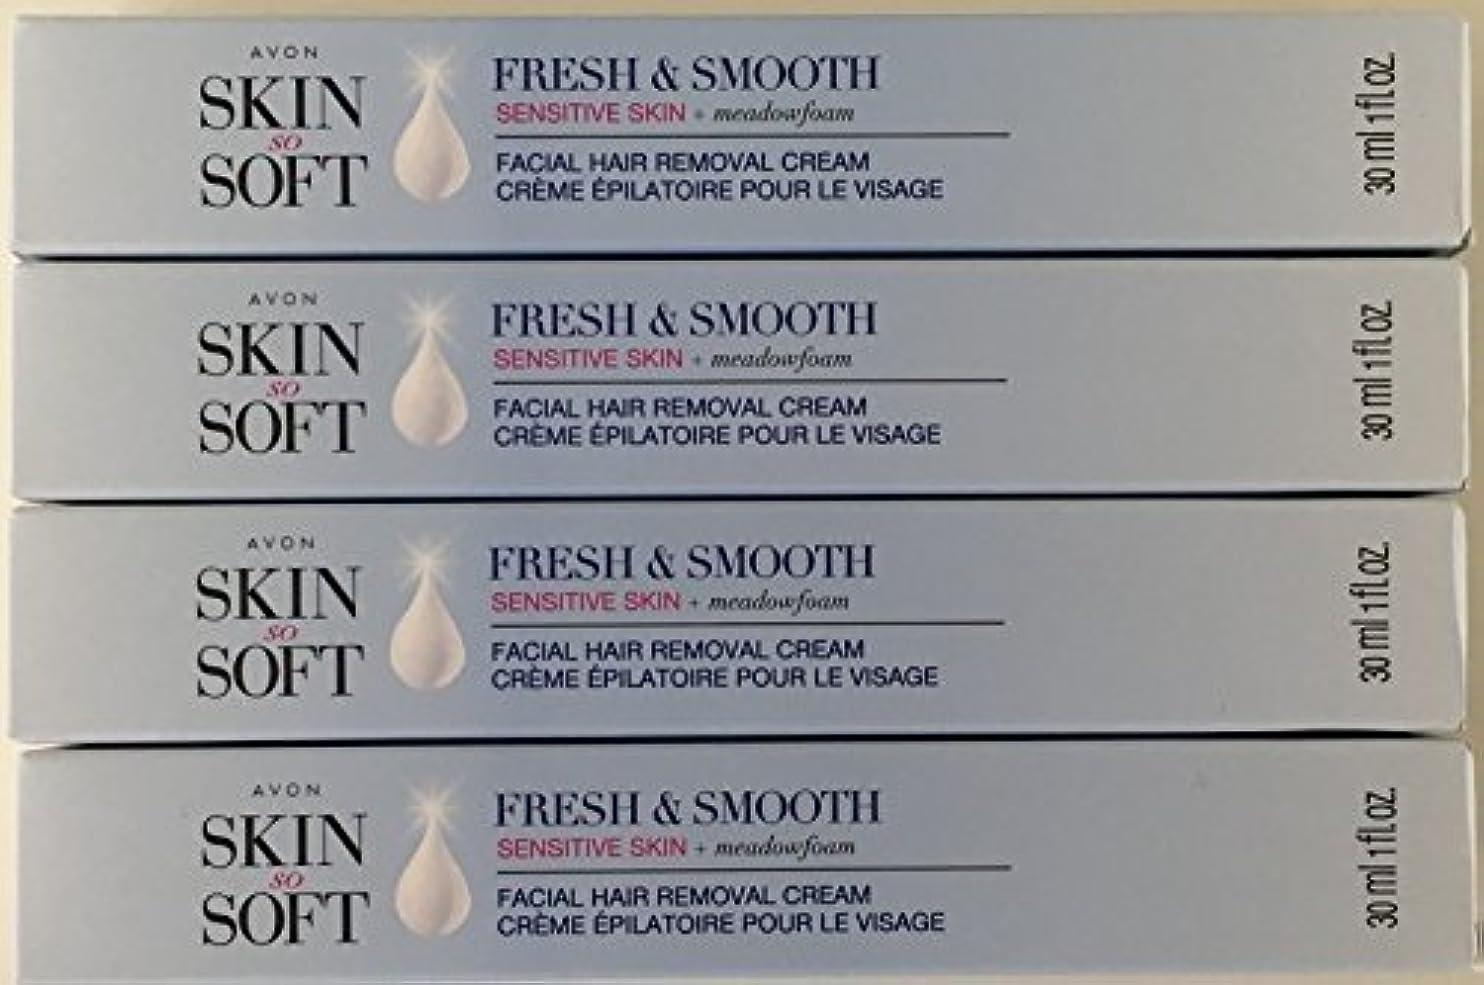 六教え邪魔するAvon Skin so Soft Fresh & Smooth Sensitive Skin Facial Hair Removal Cream 1 oz Each. A Lot of 4 [並行輸入品]